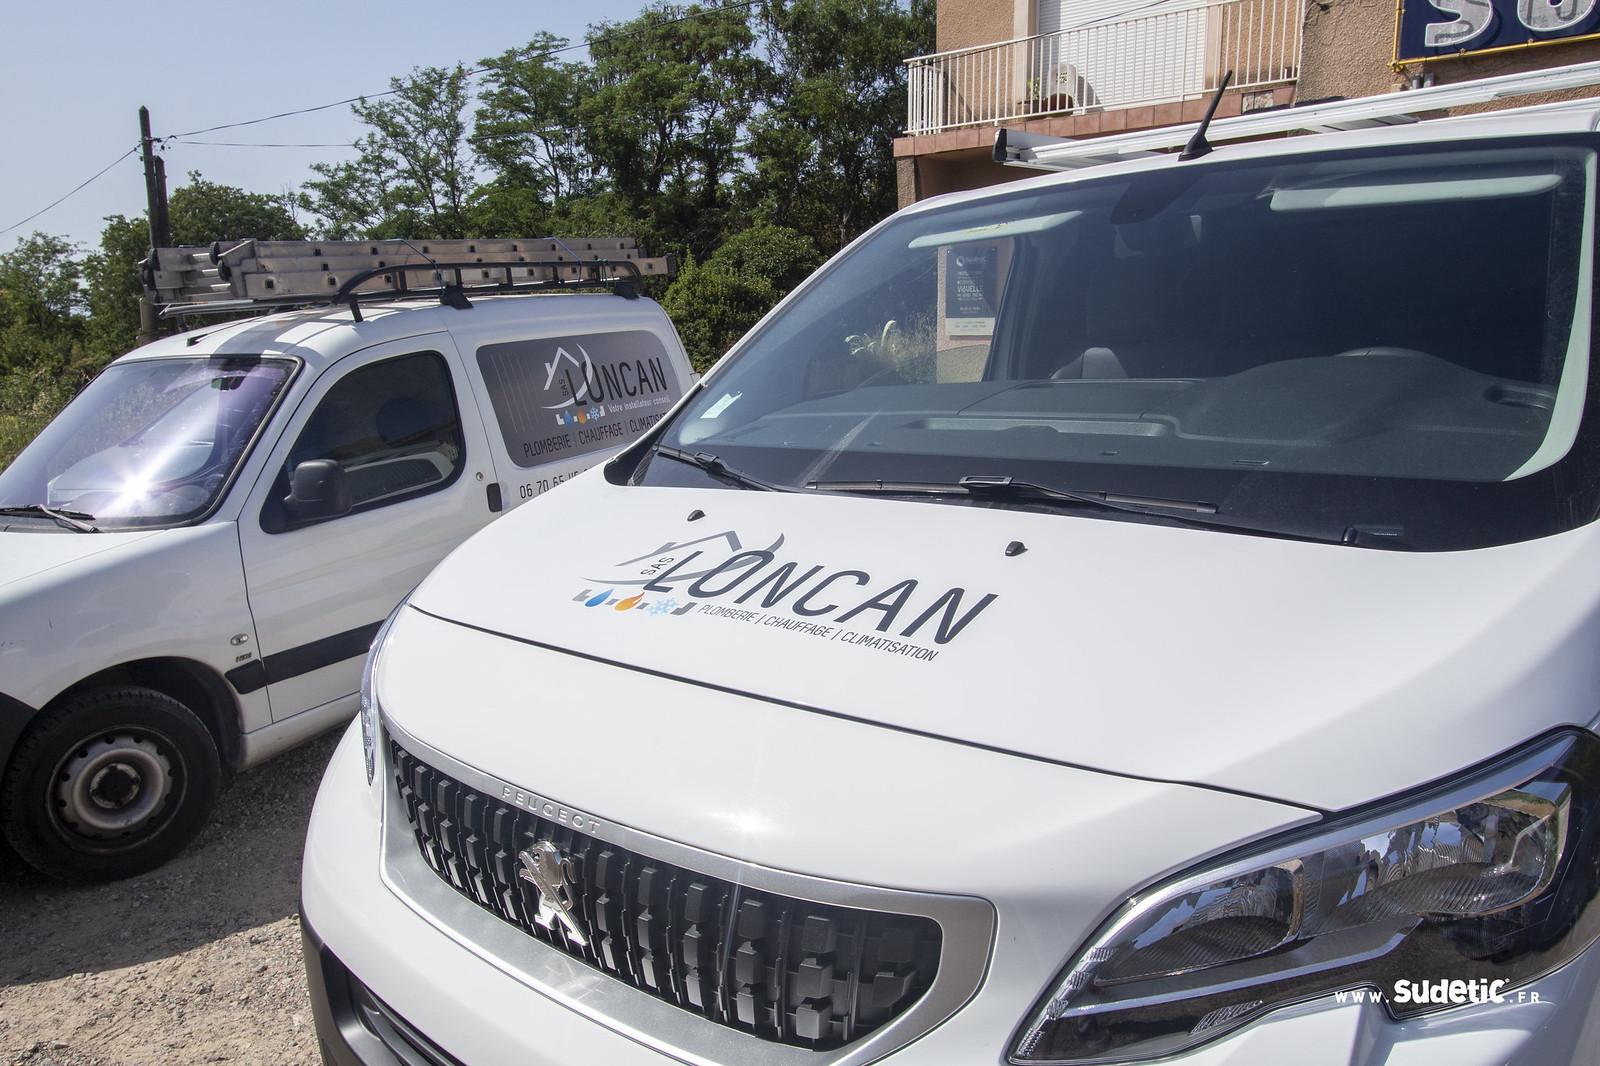 Sudetic Peugeot Expert Loncan